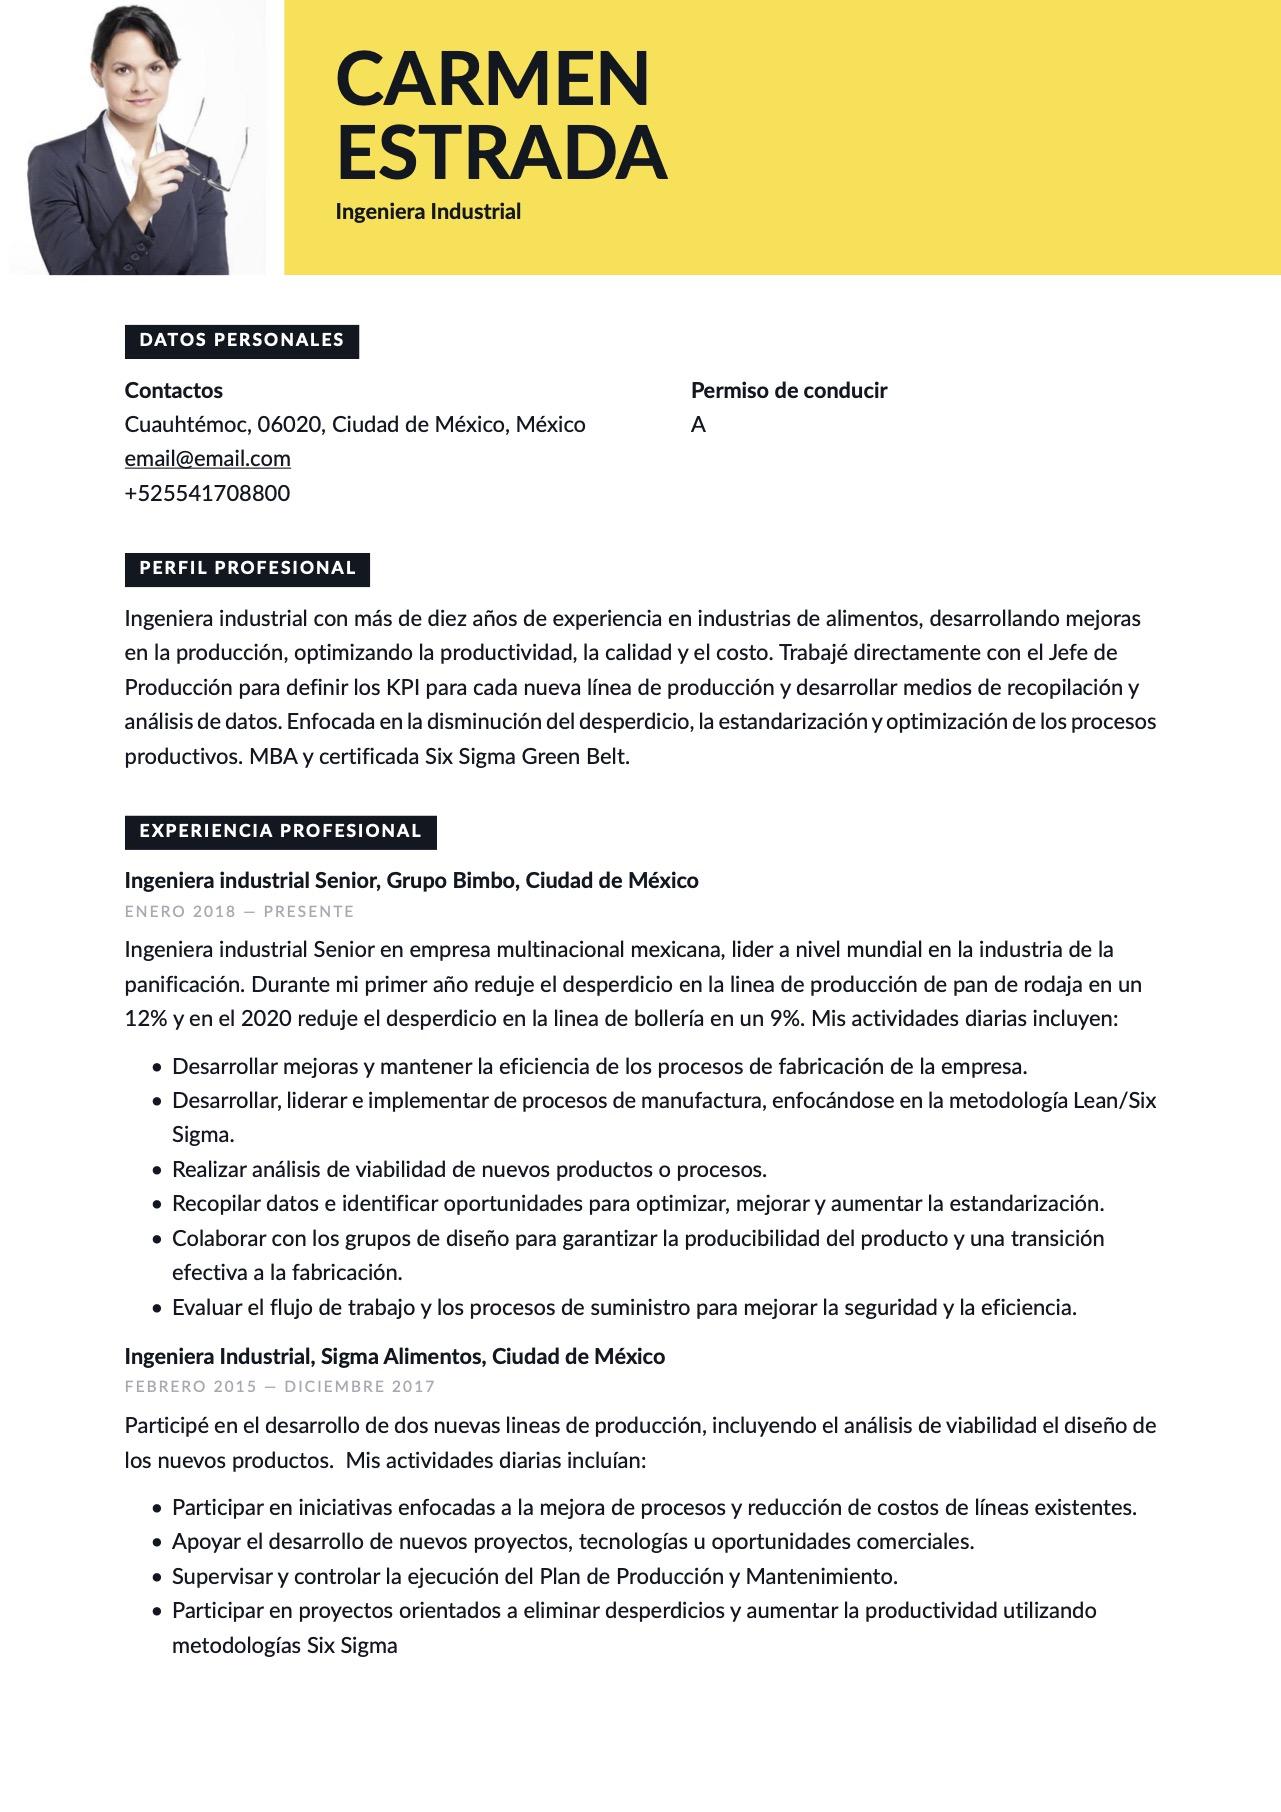 Currículum para Ingeniero industrial